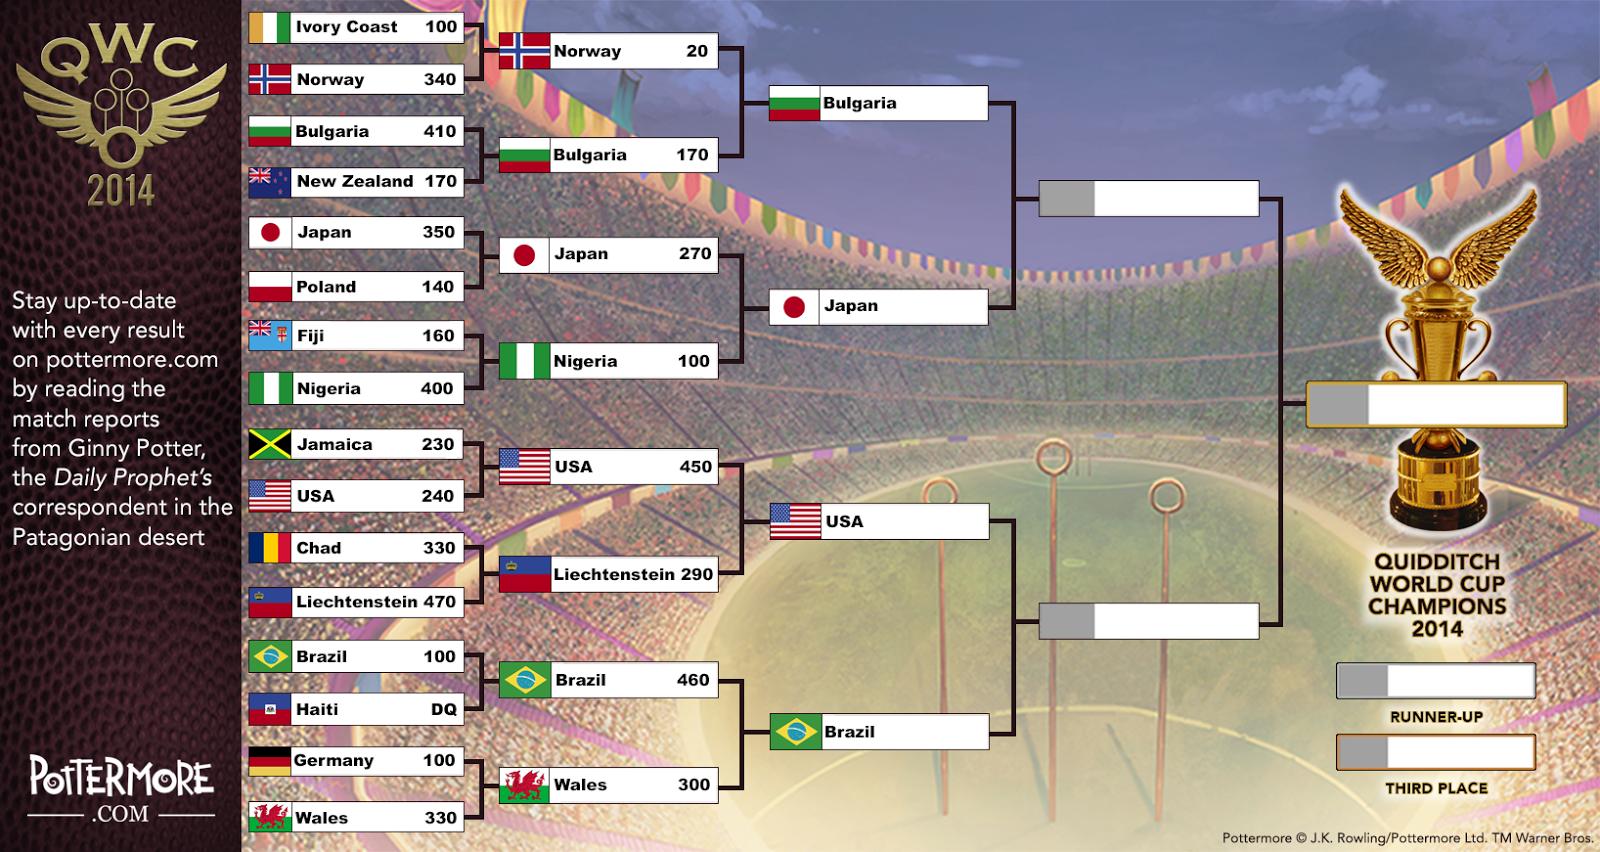 Mundial de Quidditch 2014 Japan+vs.+Nigeria+Result